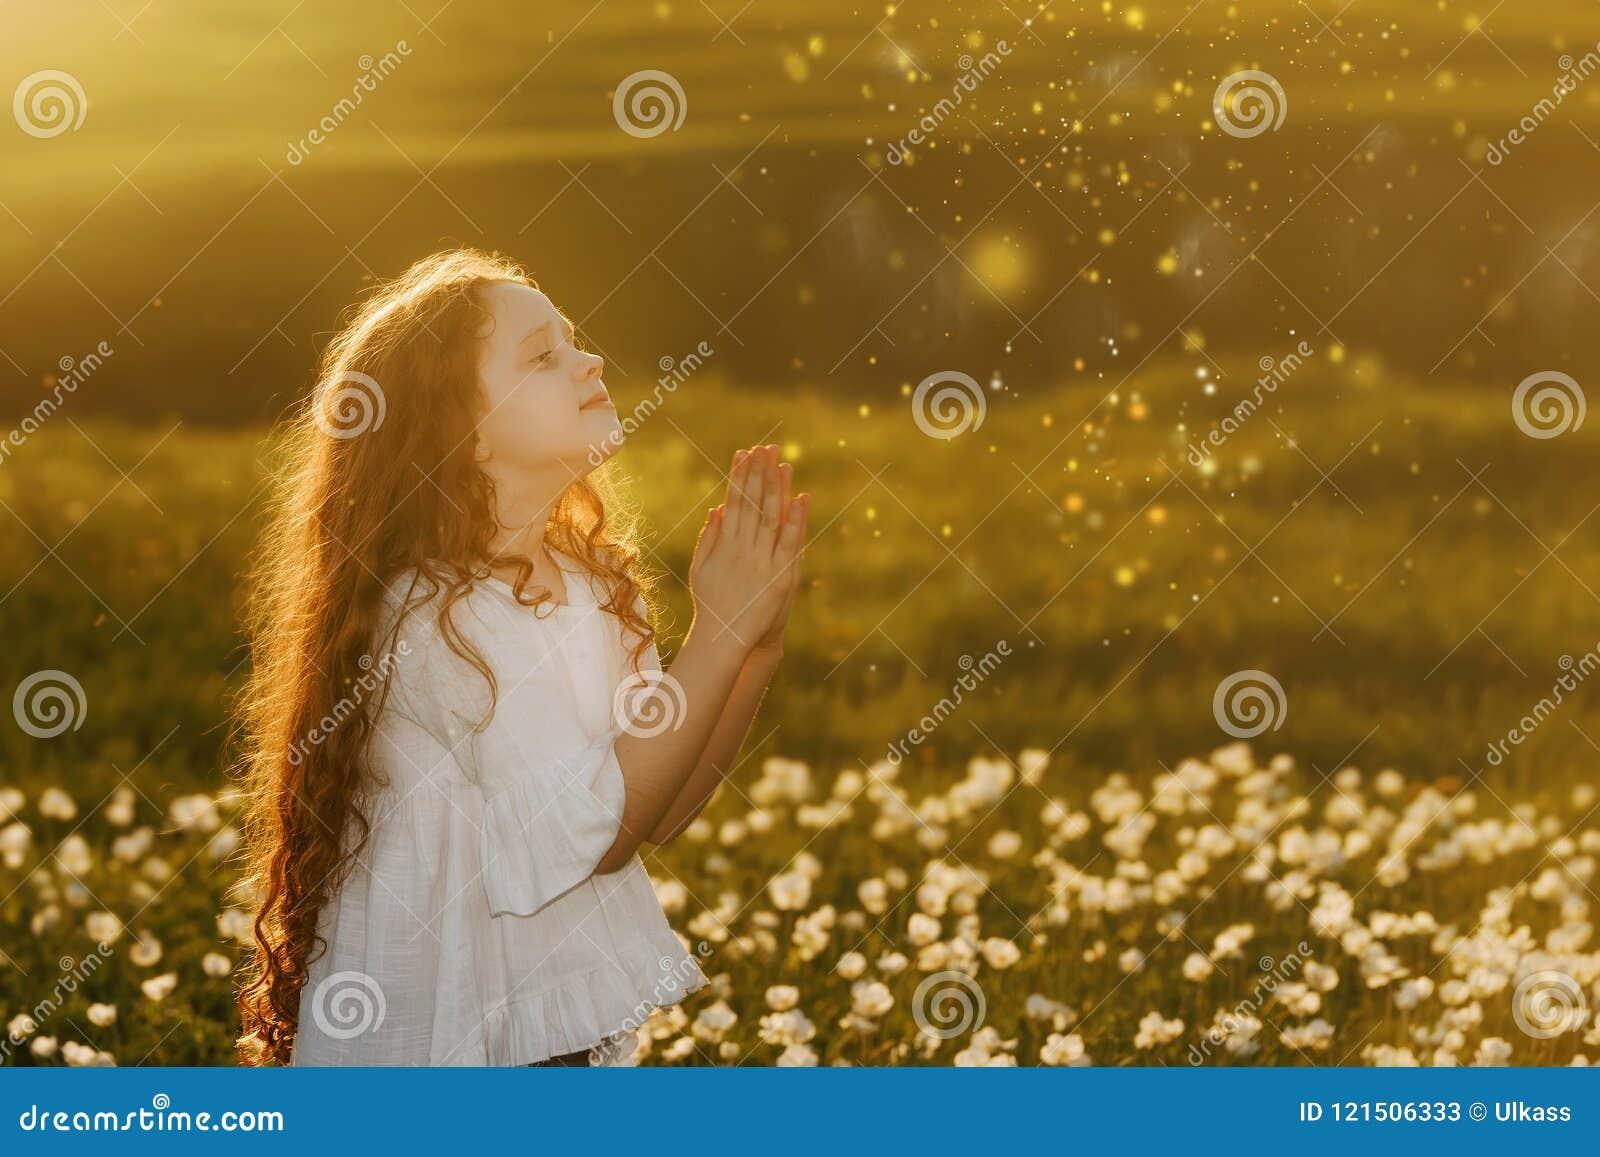 девушка с молить Мир, надежда, мечтает концепция